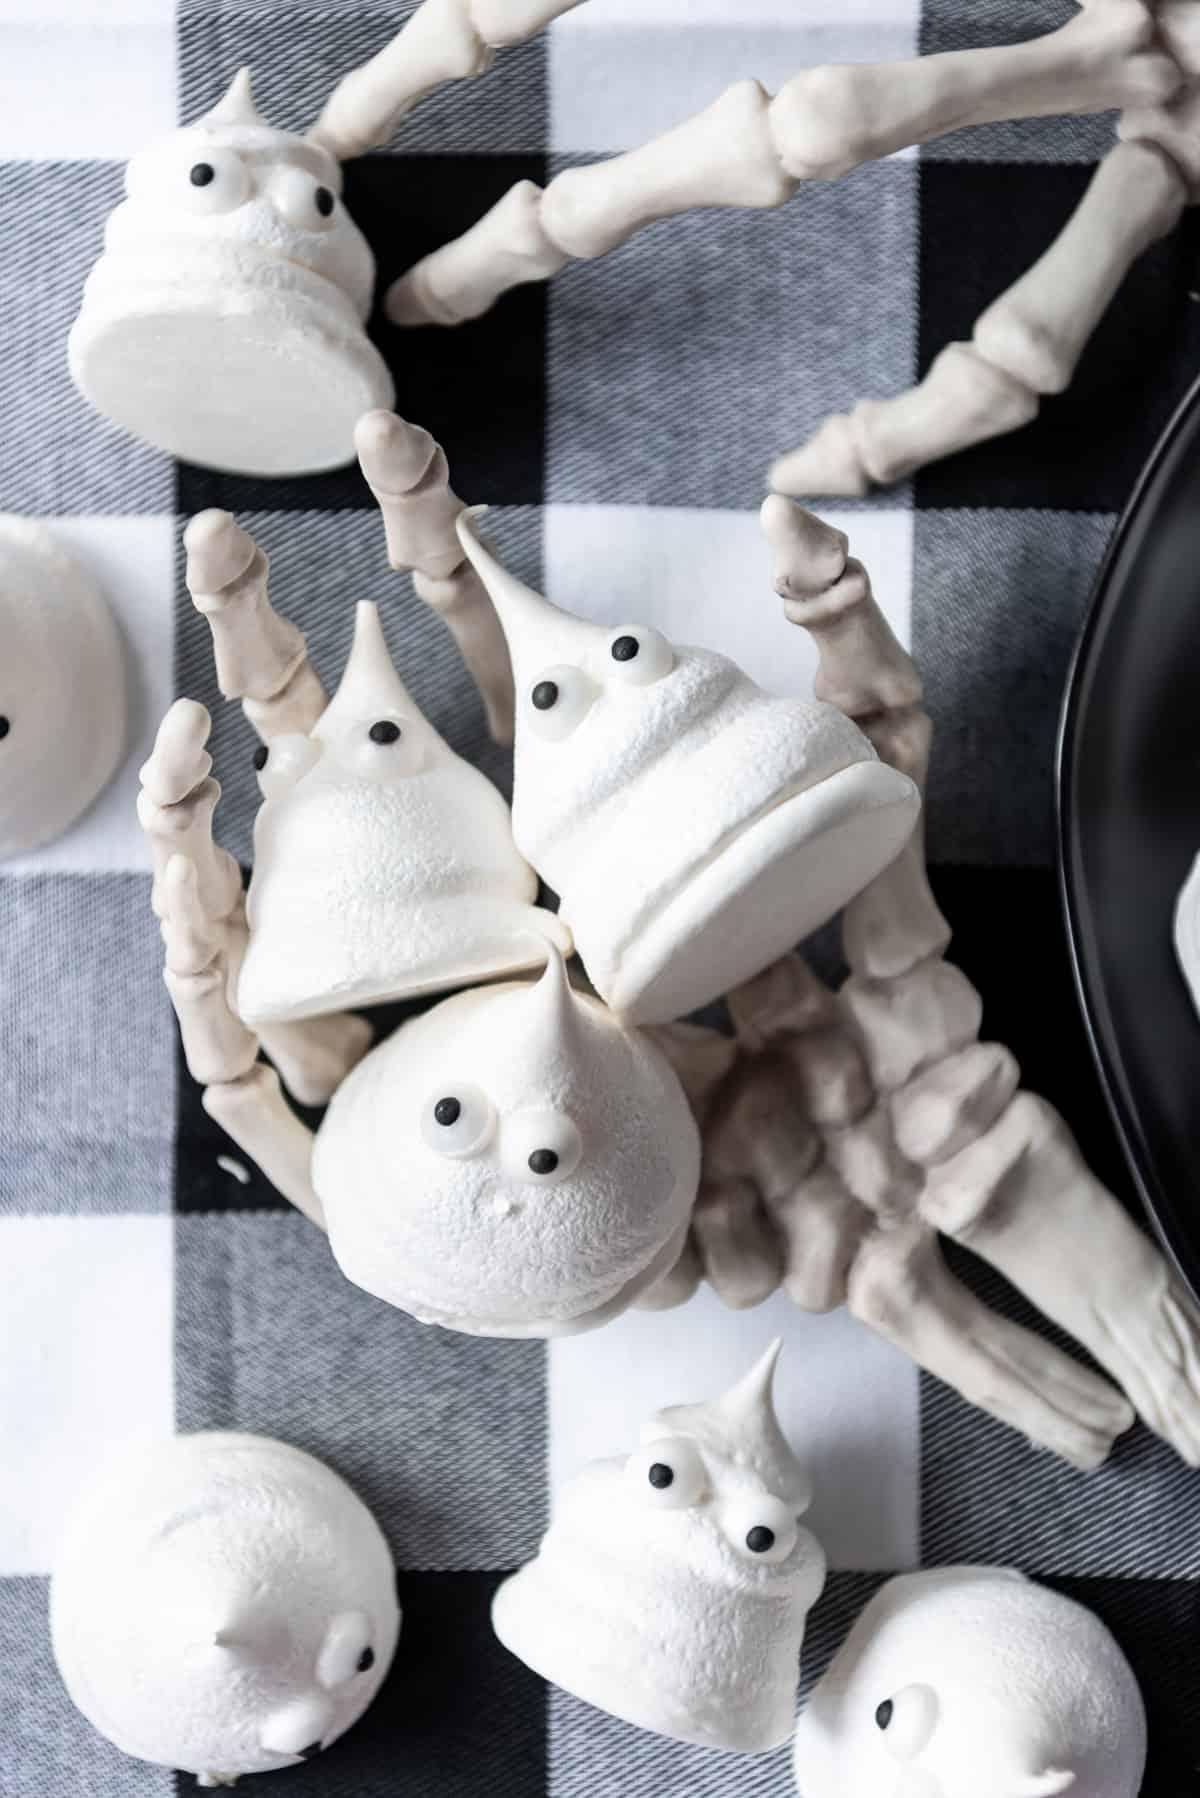 Three ghost meringues in a plastic skeleton hand.